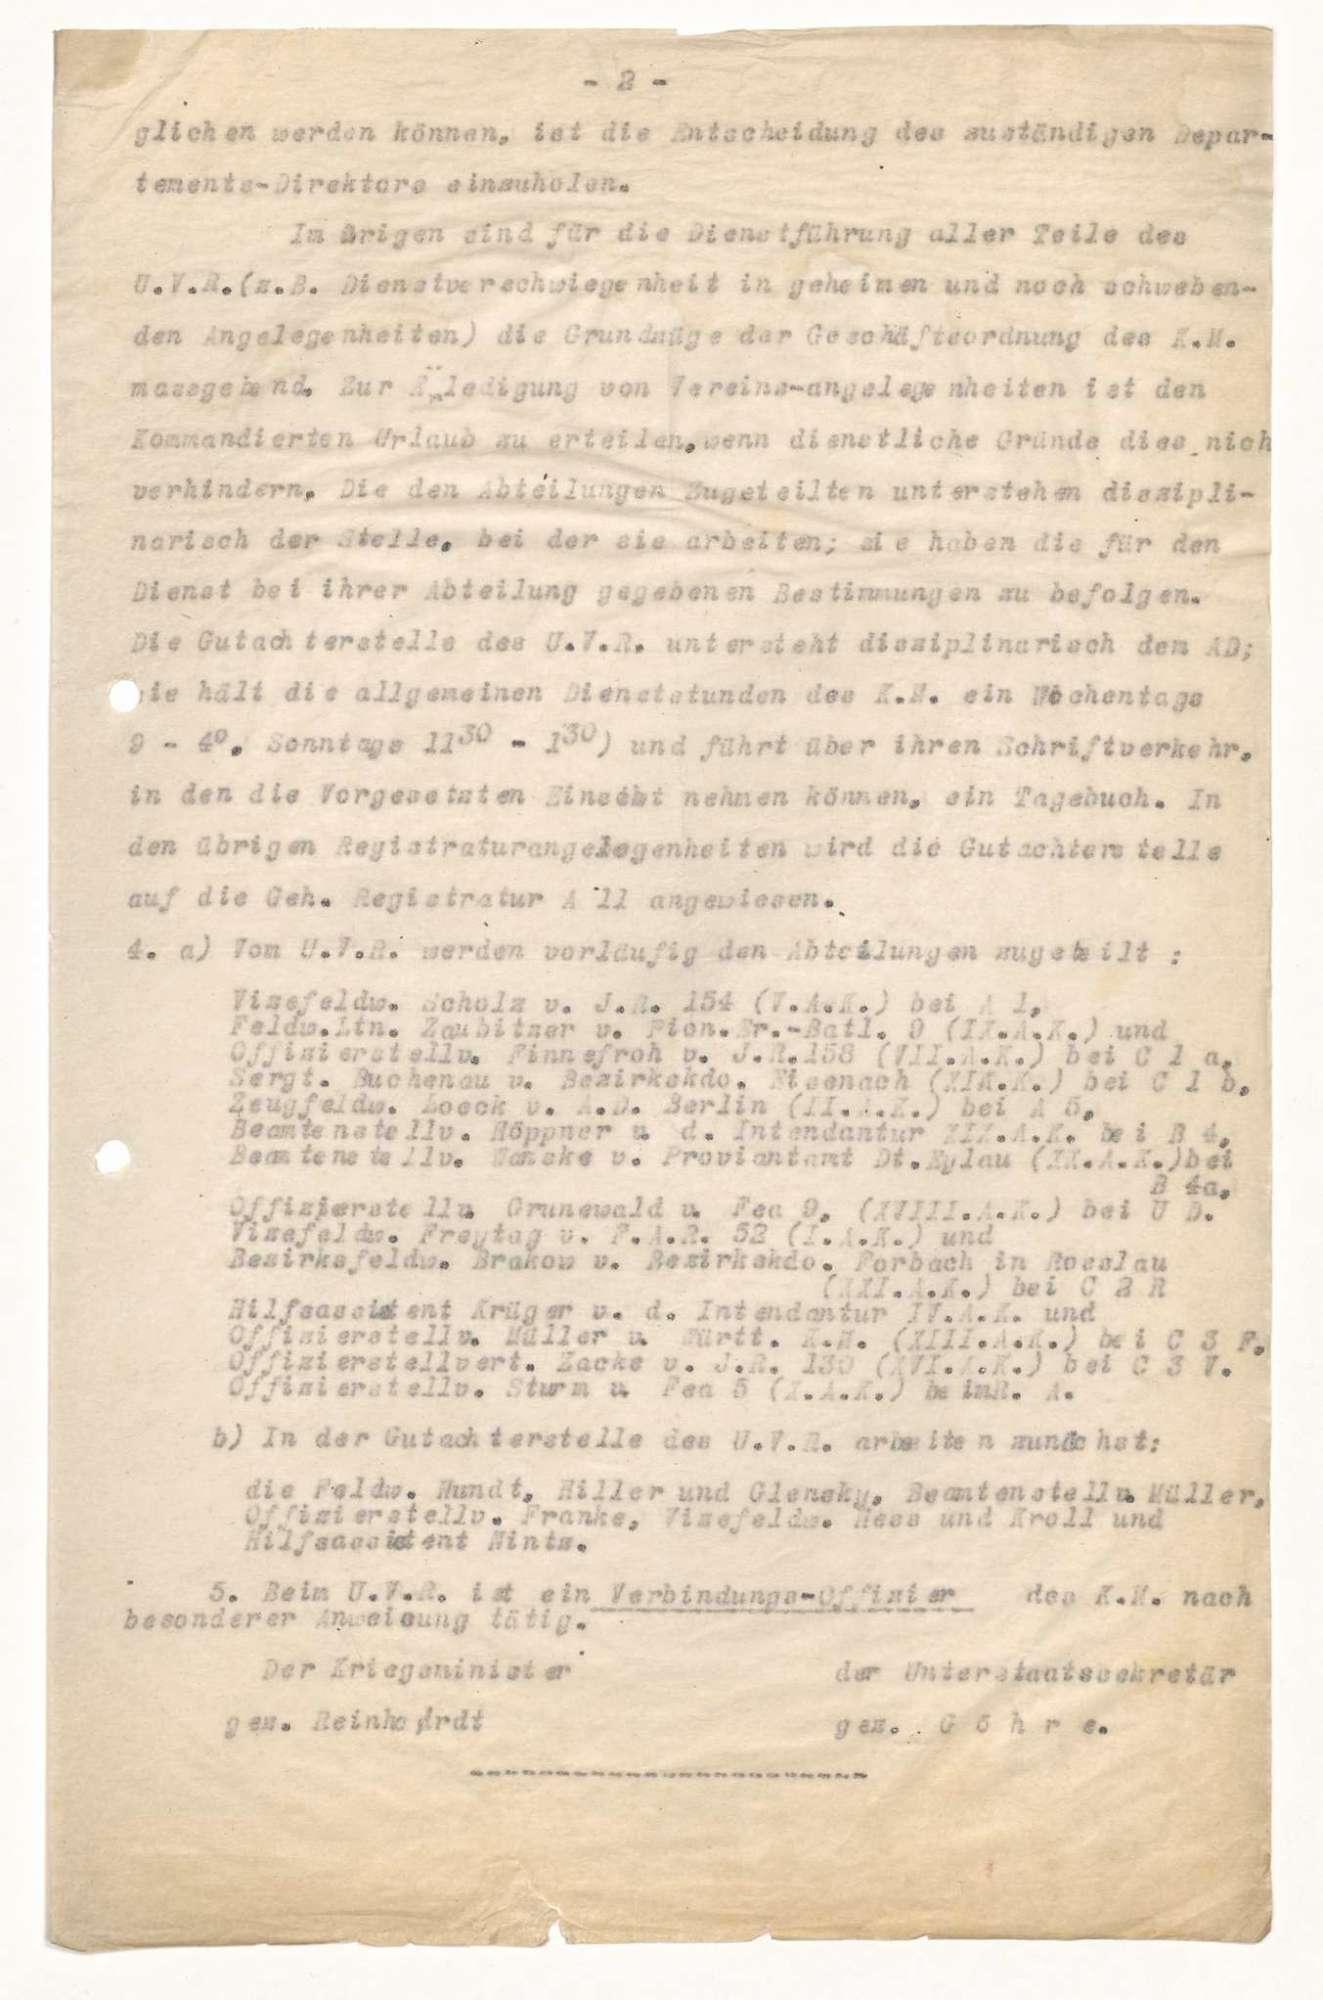 Kompetenzen des Vertrauensrates der aktiven Unteroffiziere im Preußischen Kriegsministerium, Bild 2